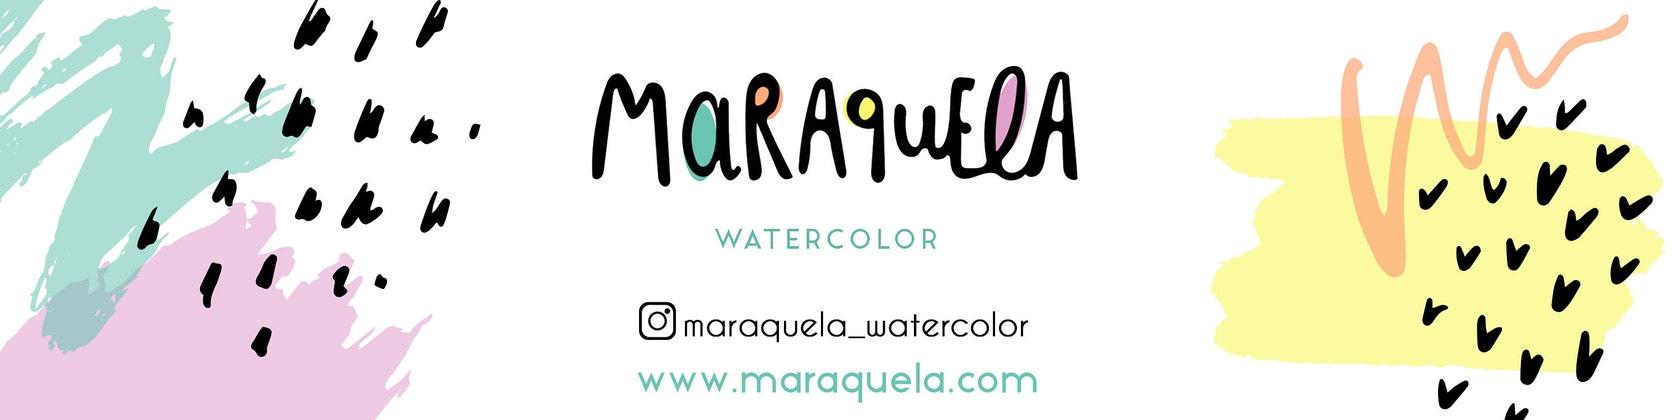 Acuarelas Ilustraciones & cojines decorativos únicos. por Maraquela